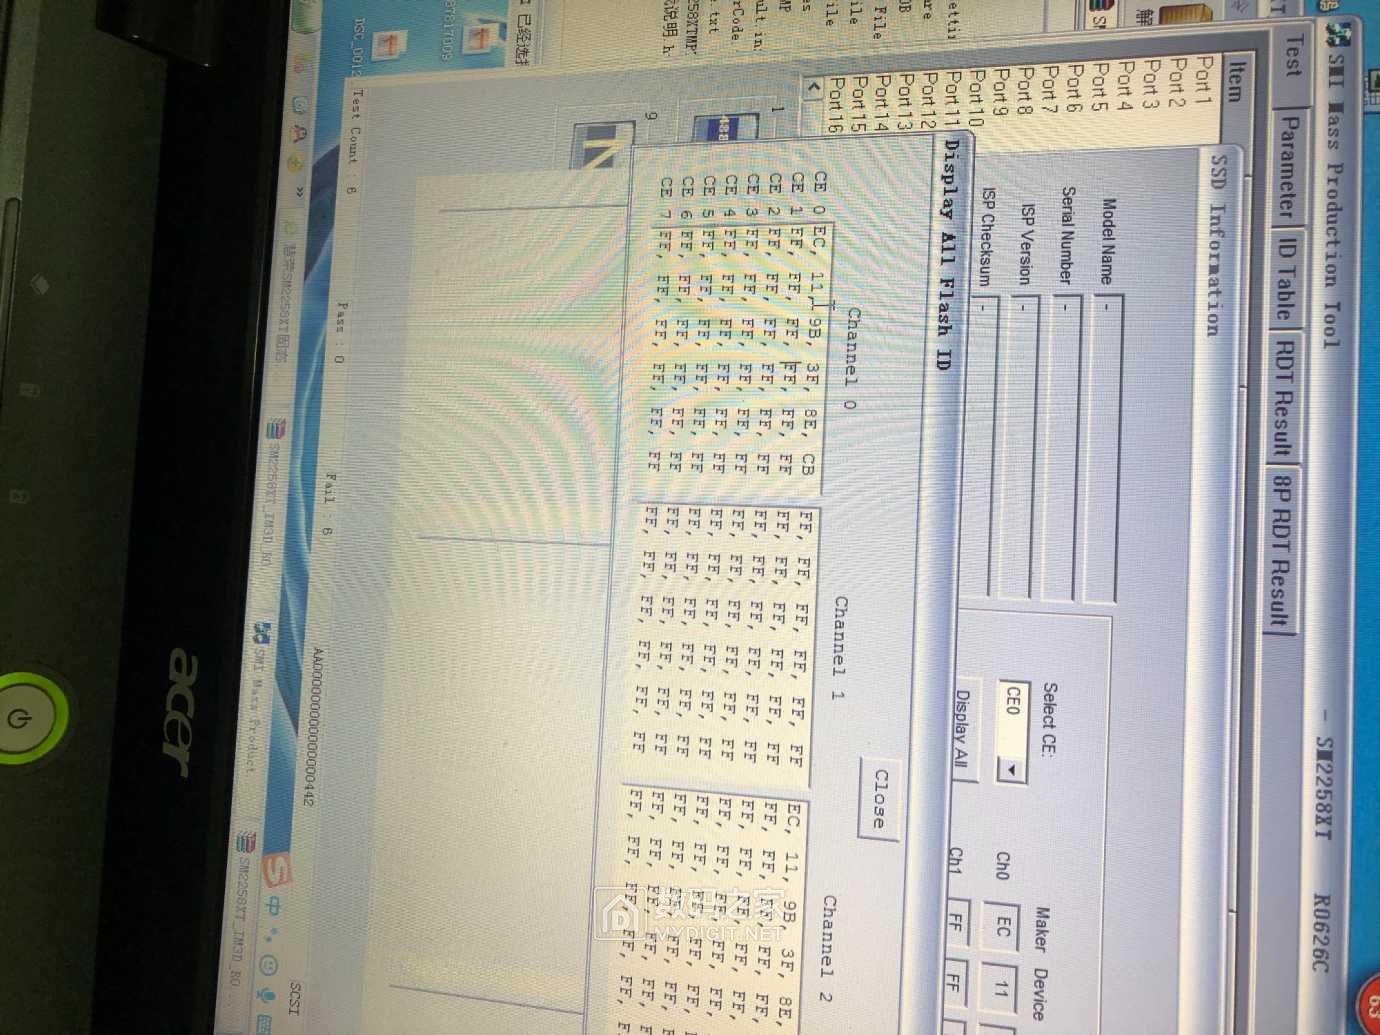 95DAD574-EBC1-42AB-92A1-0CC41B1F584E.jpeg